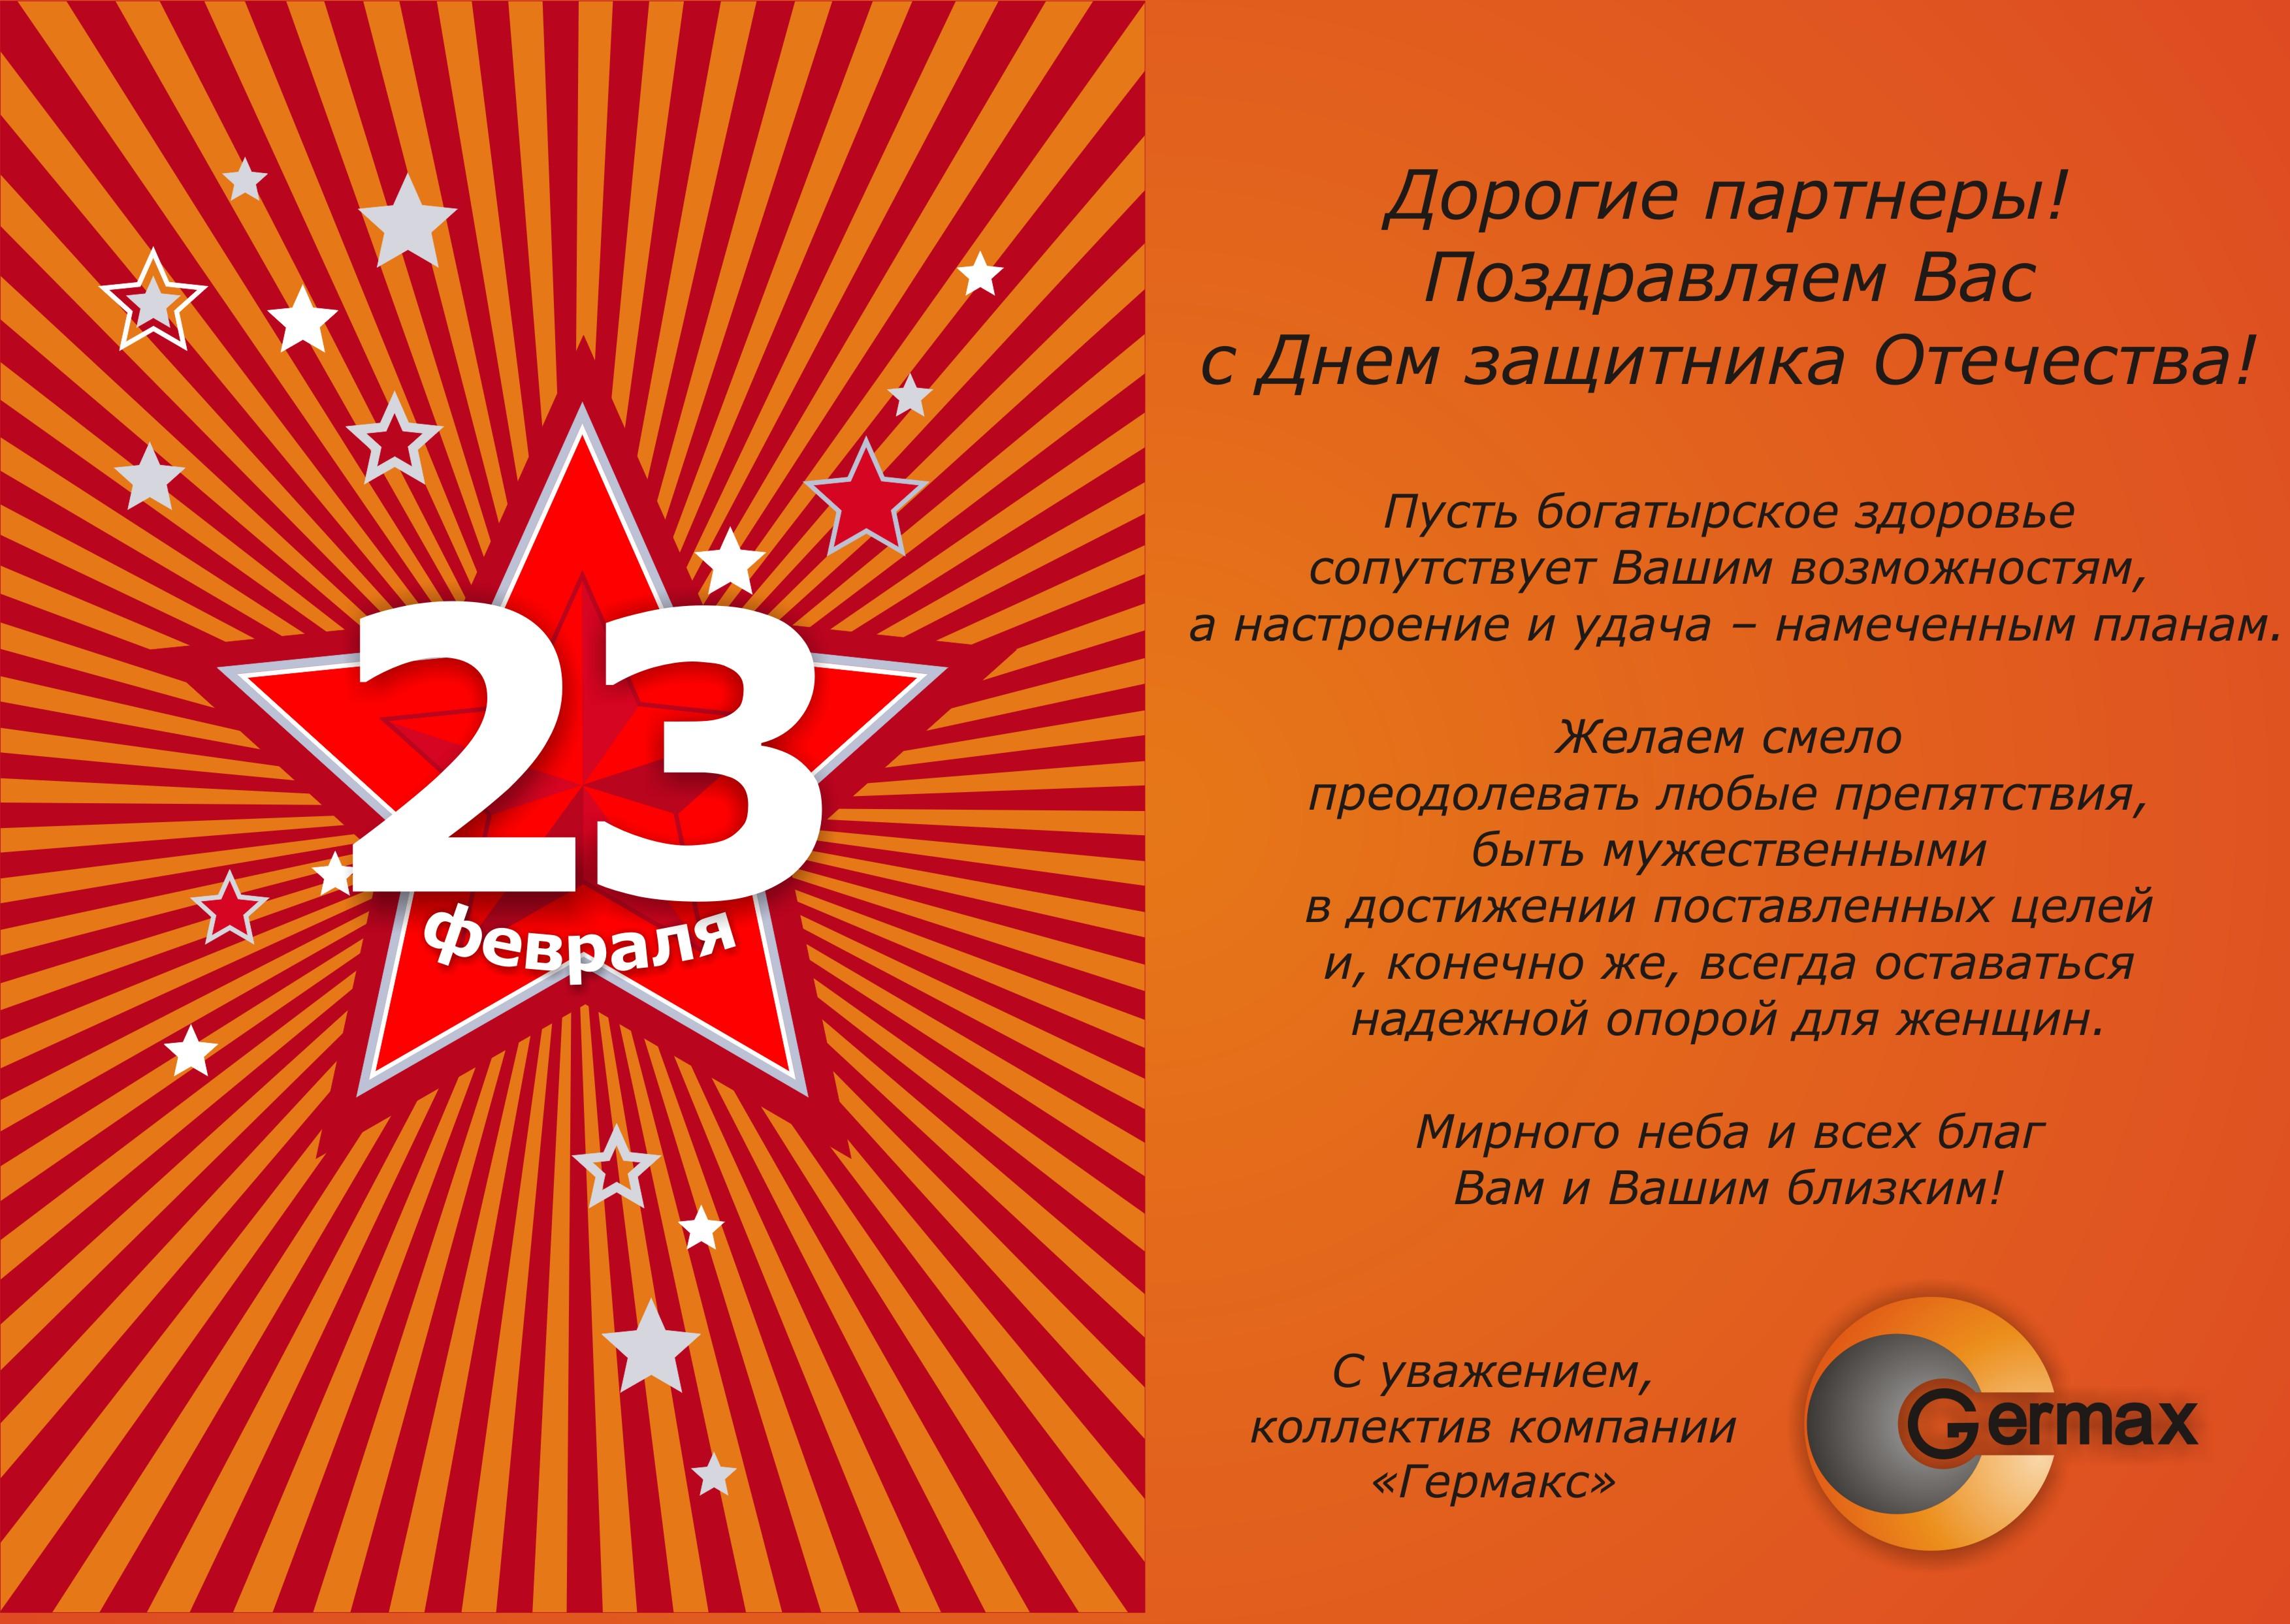 Поздравления на 23 для партнеров 187